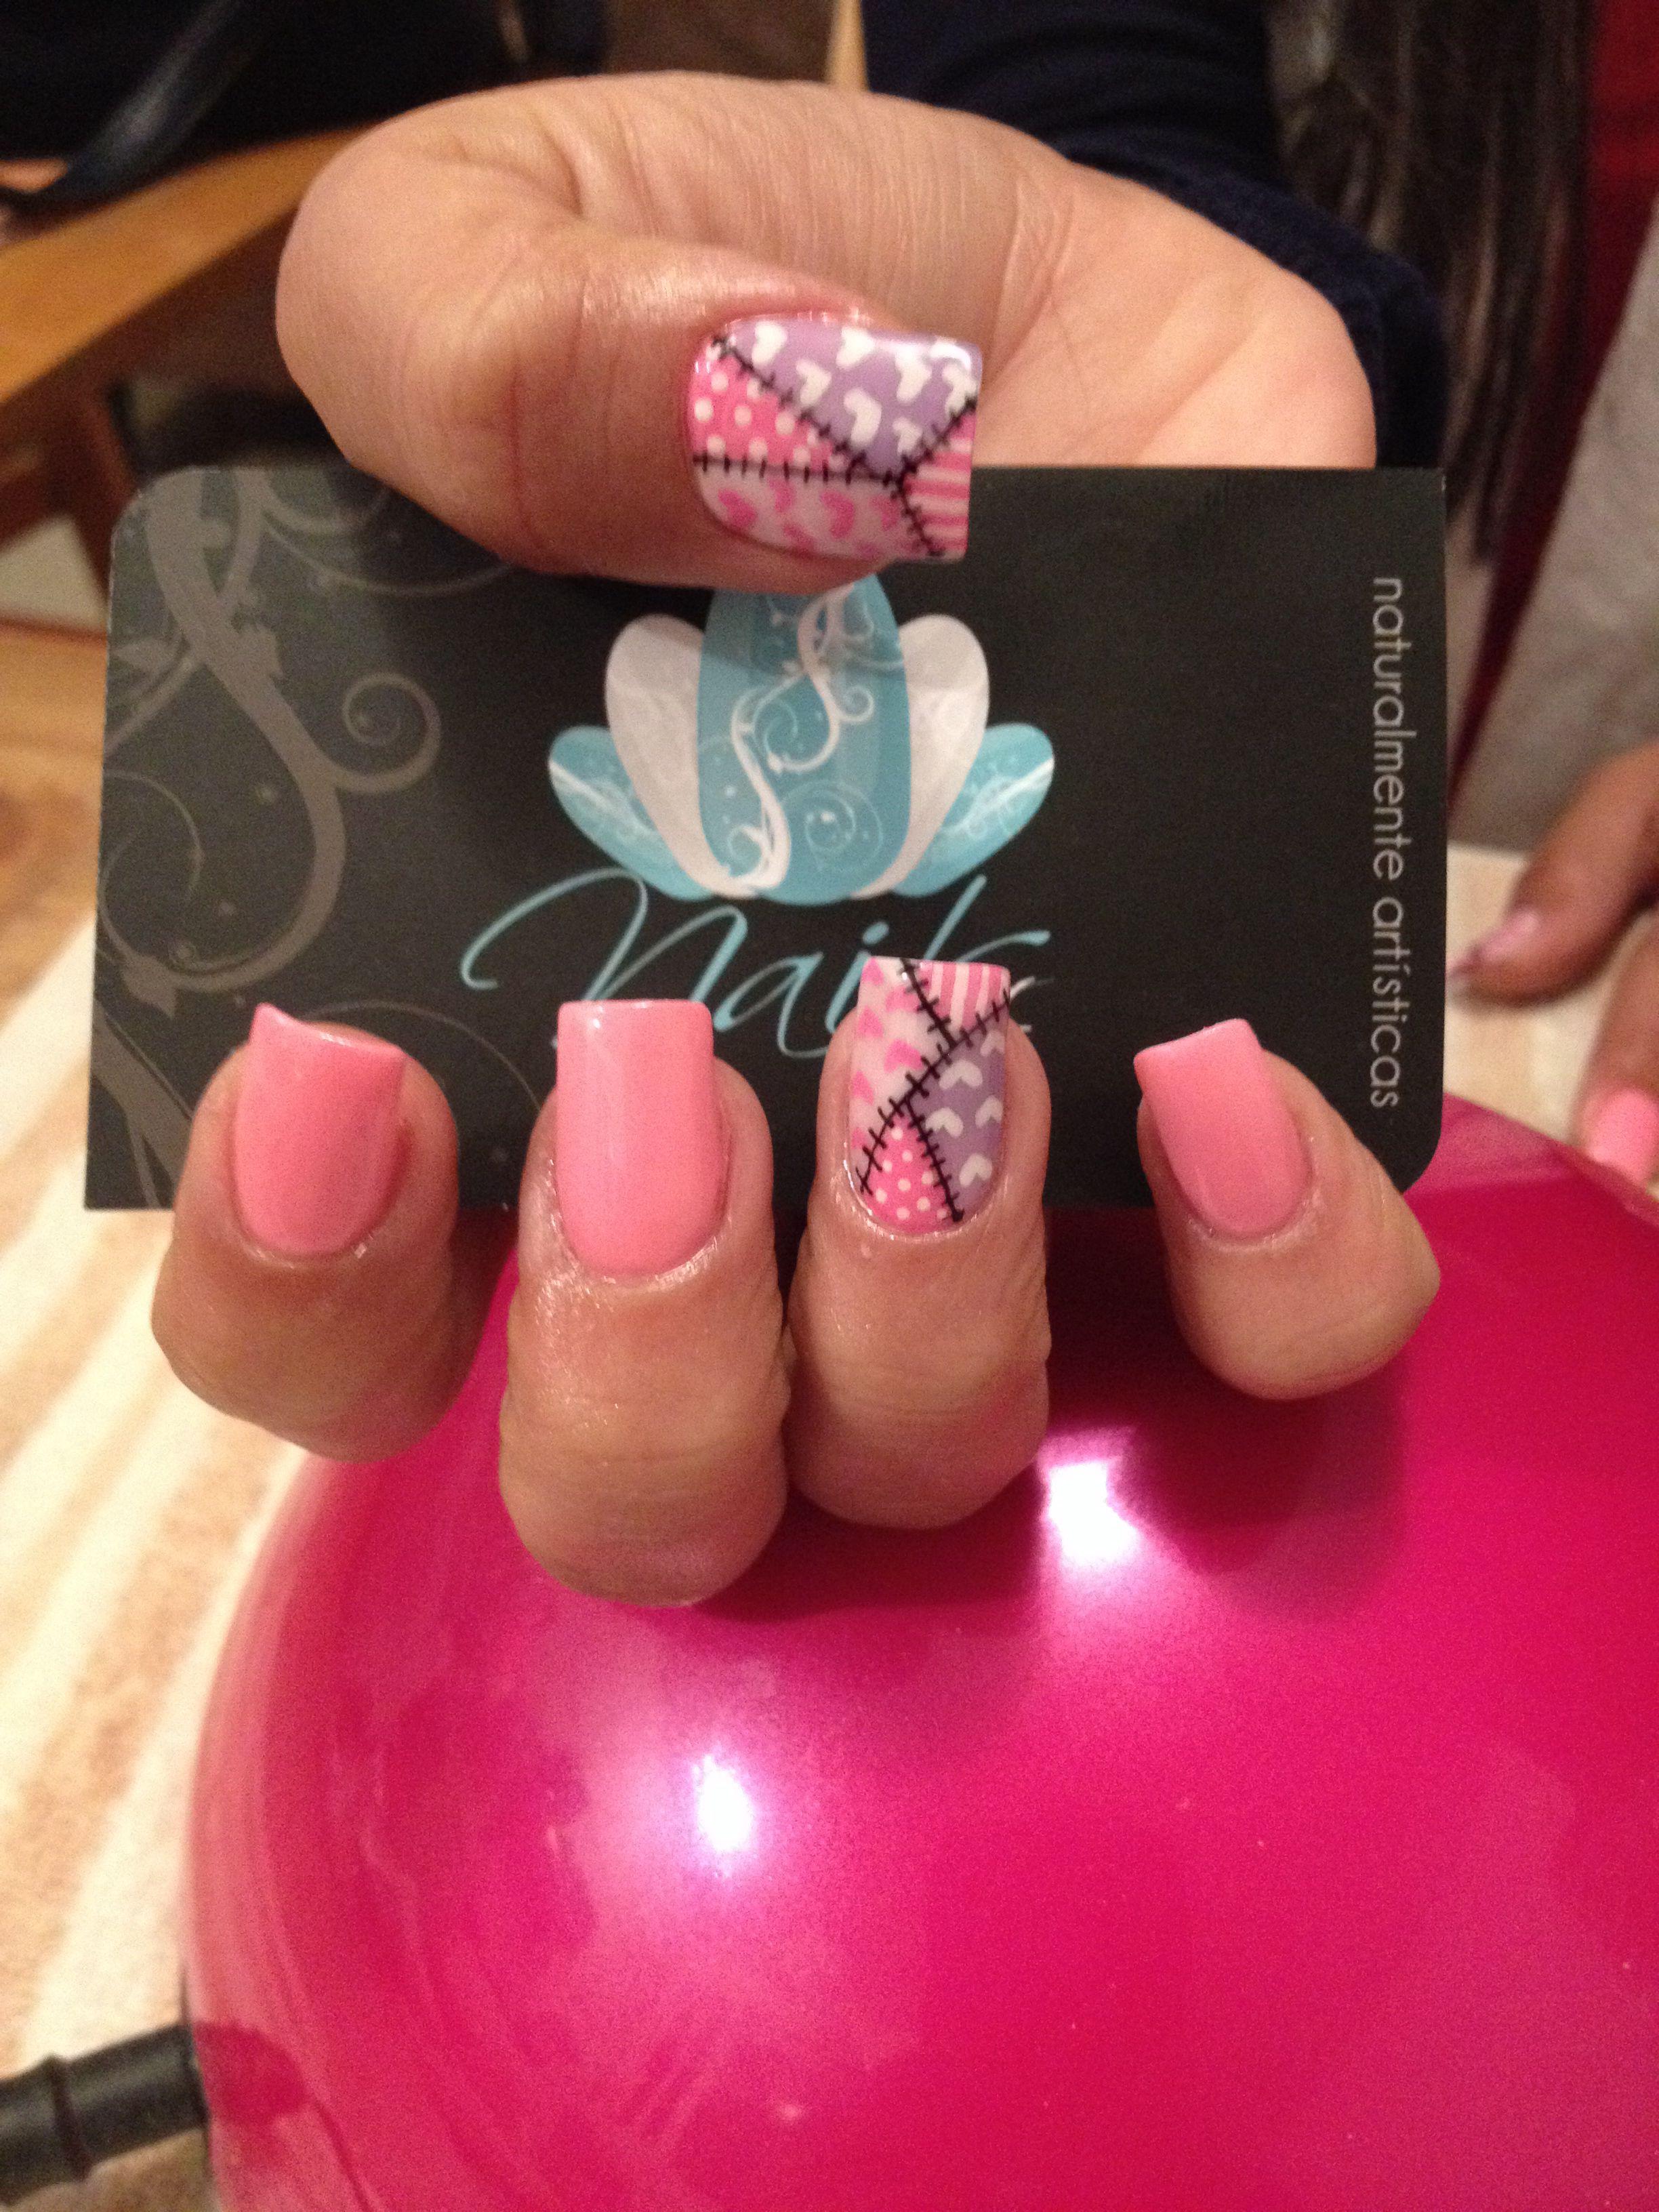 Acrylic nails, nails art. | Nails! Nails! Nails! | Pinterest | Nail ...